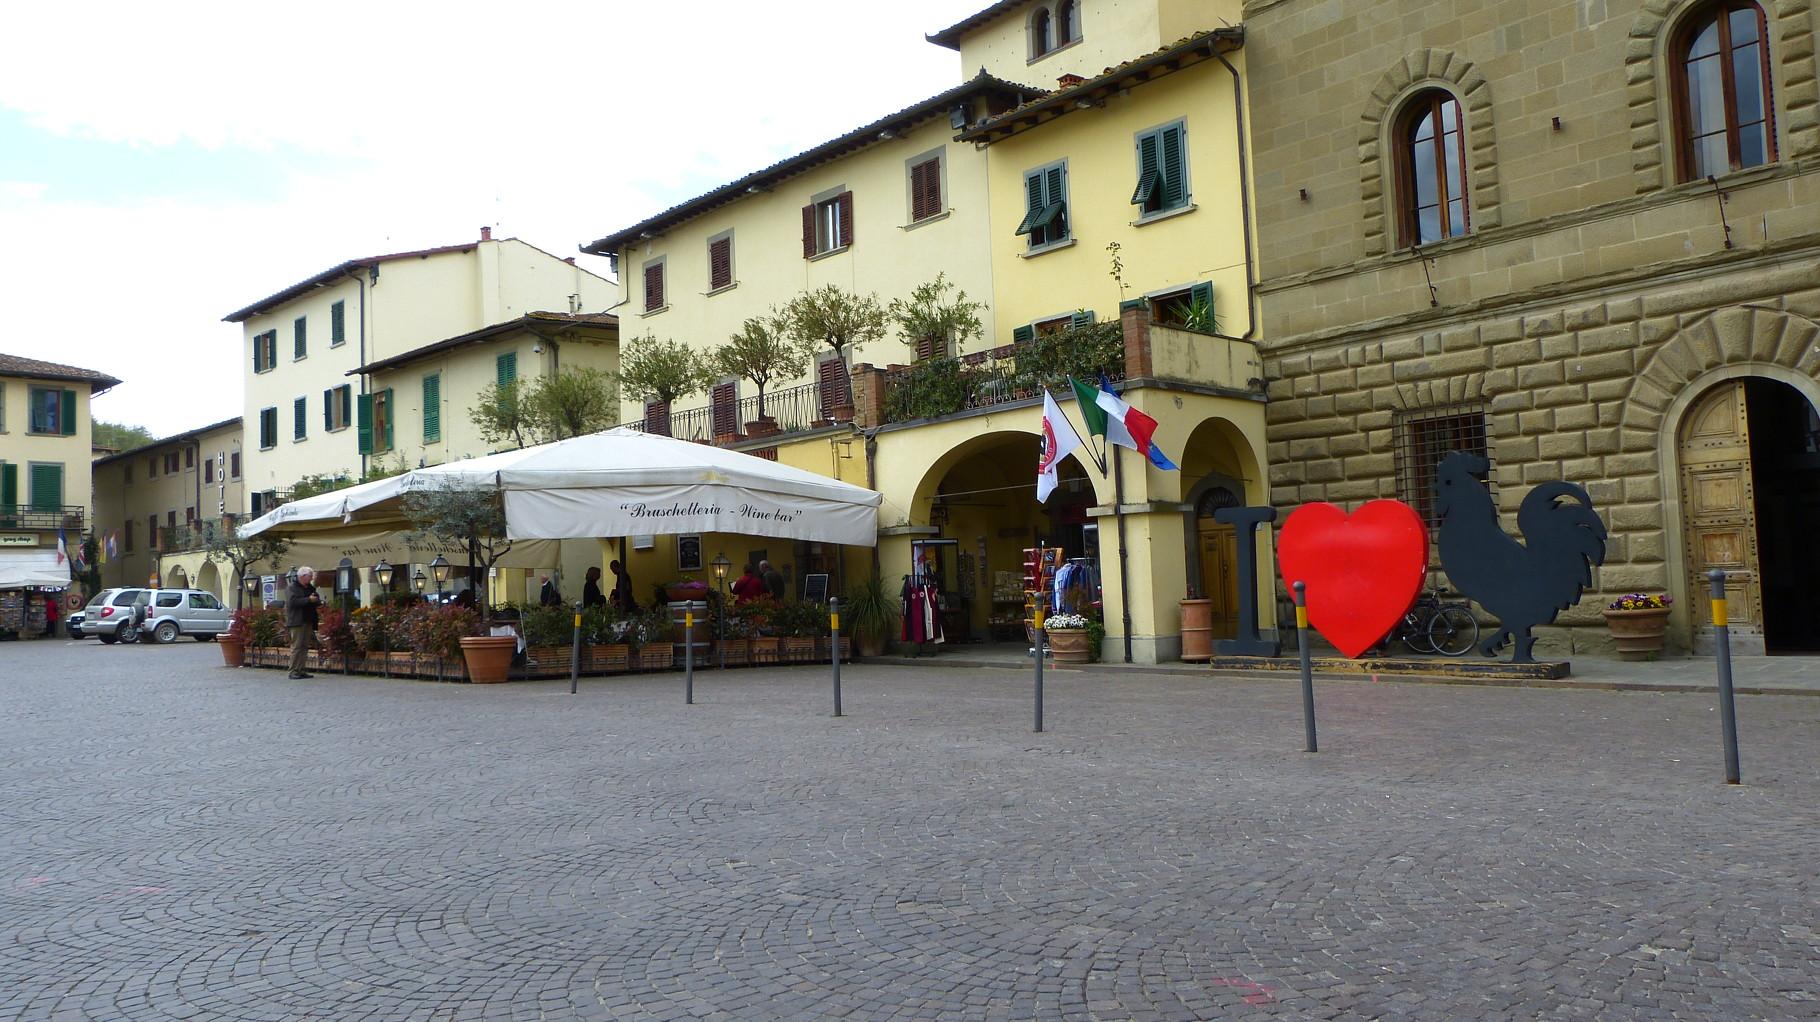 Mittagsrast in Greve in Chianti